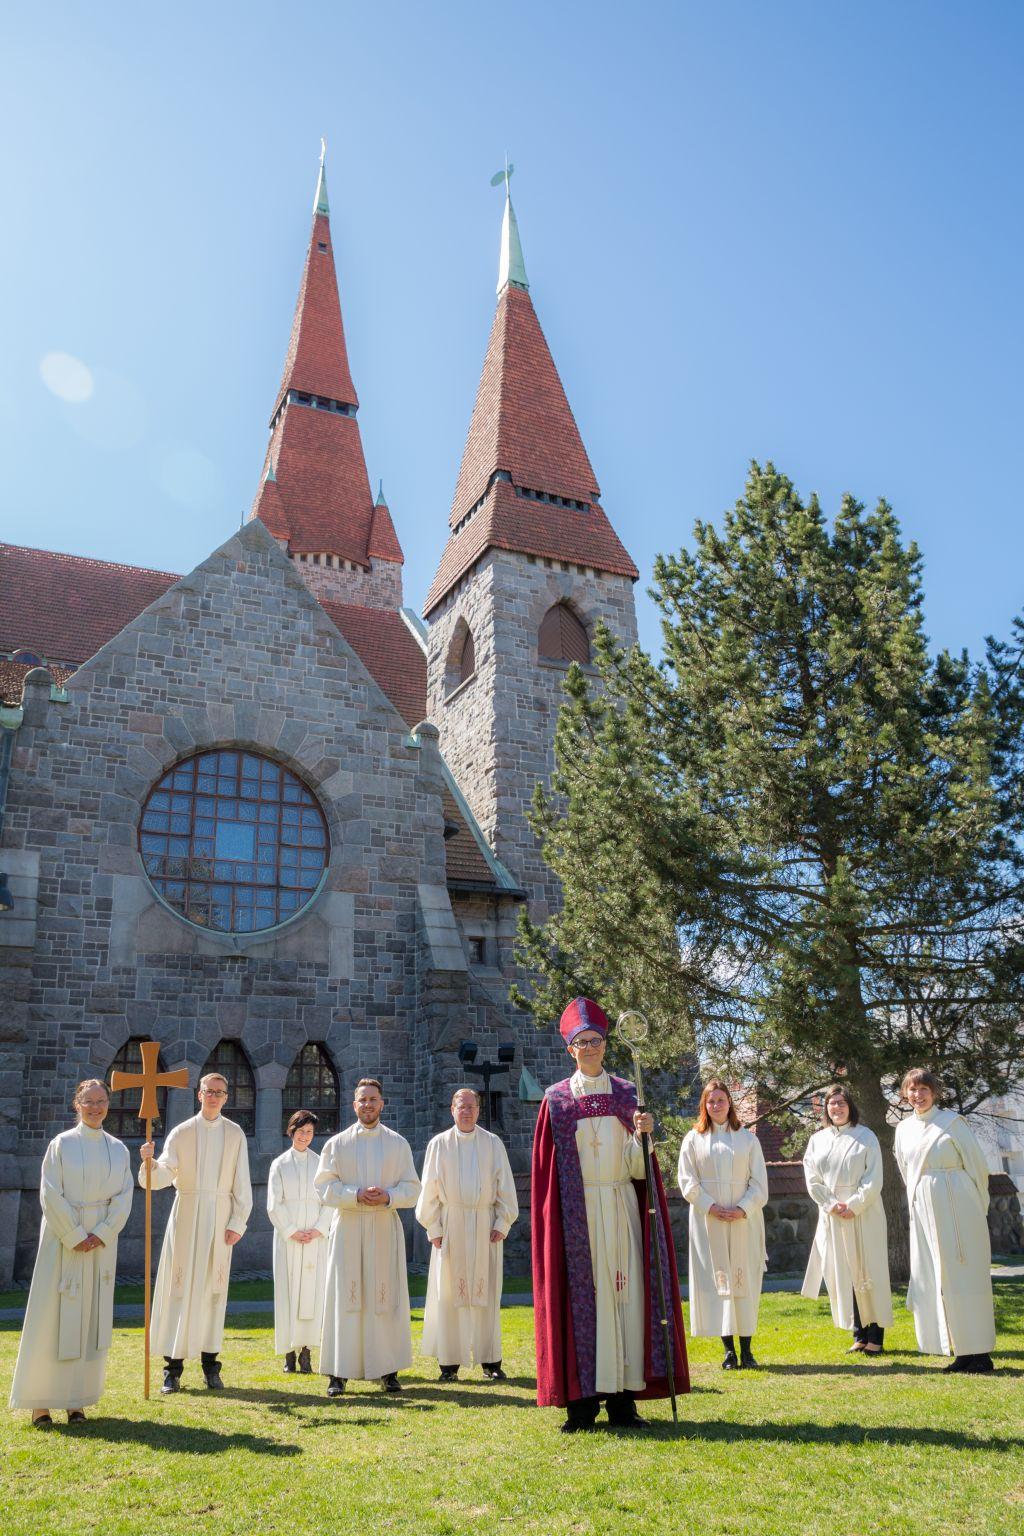 Vihityt keväällä 2020 piispan kanssa yhteiskuvassa Tuomiokirkon pihassa.